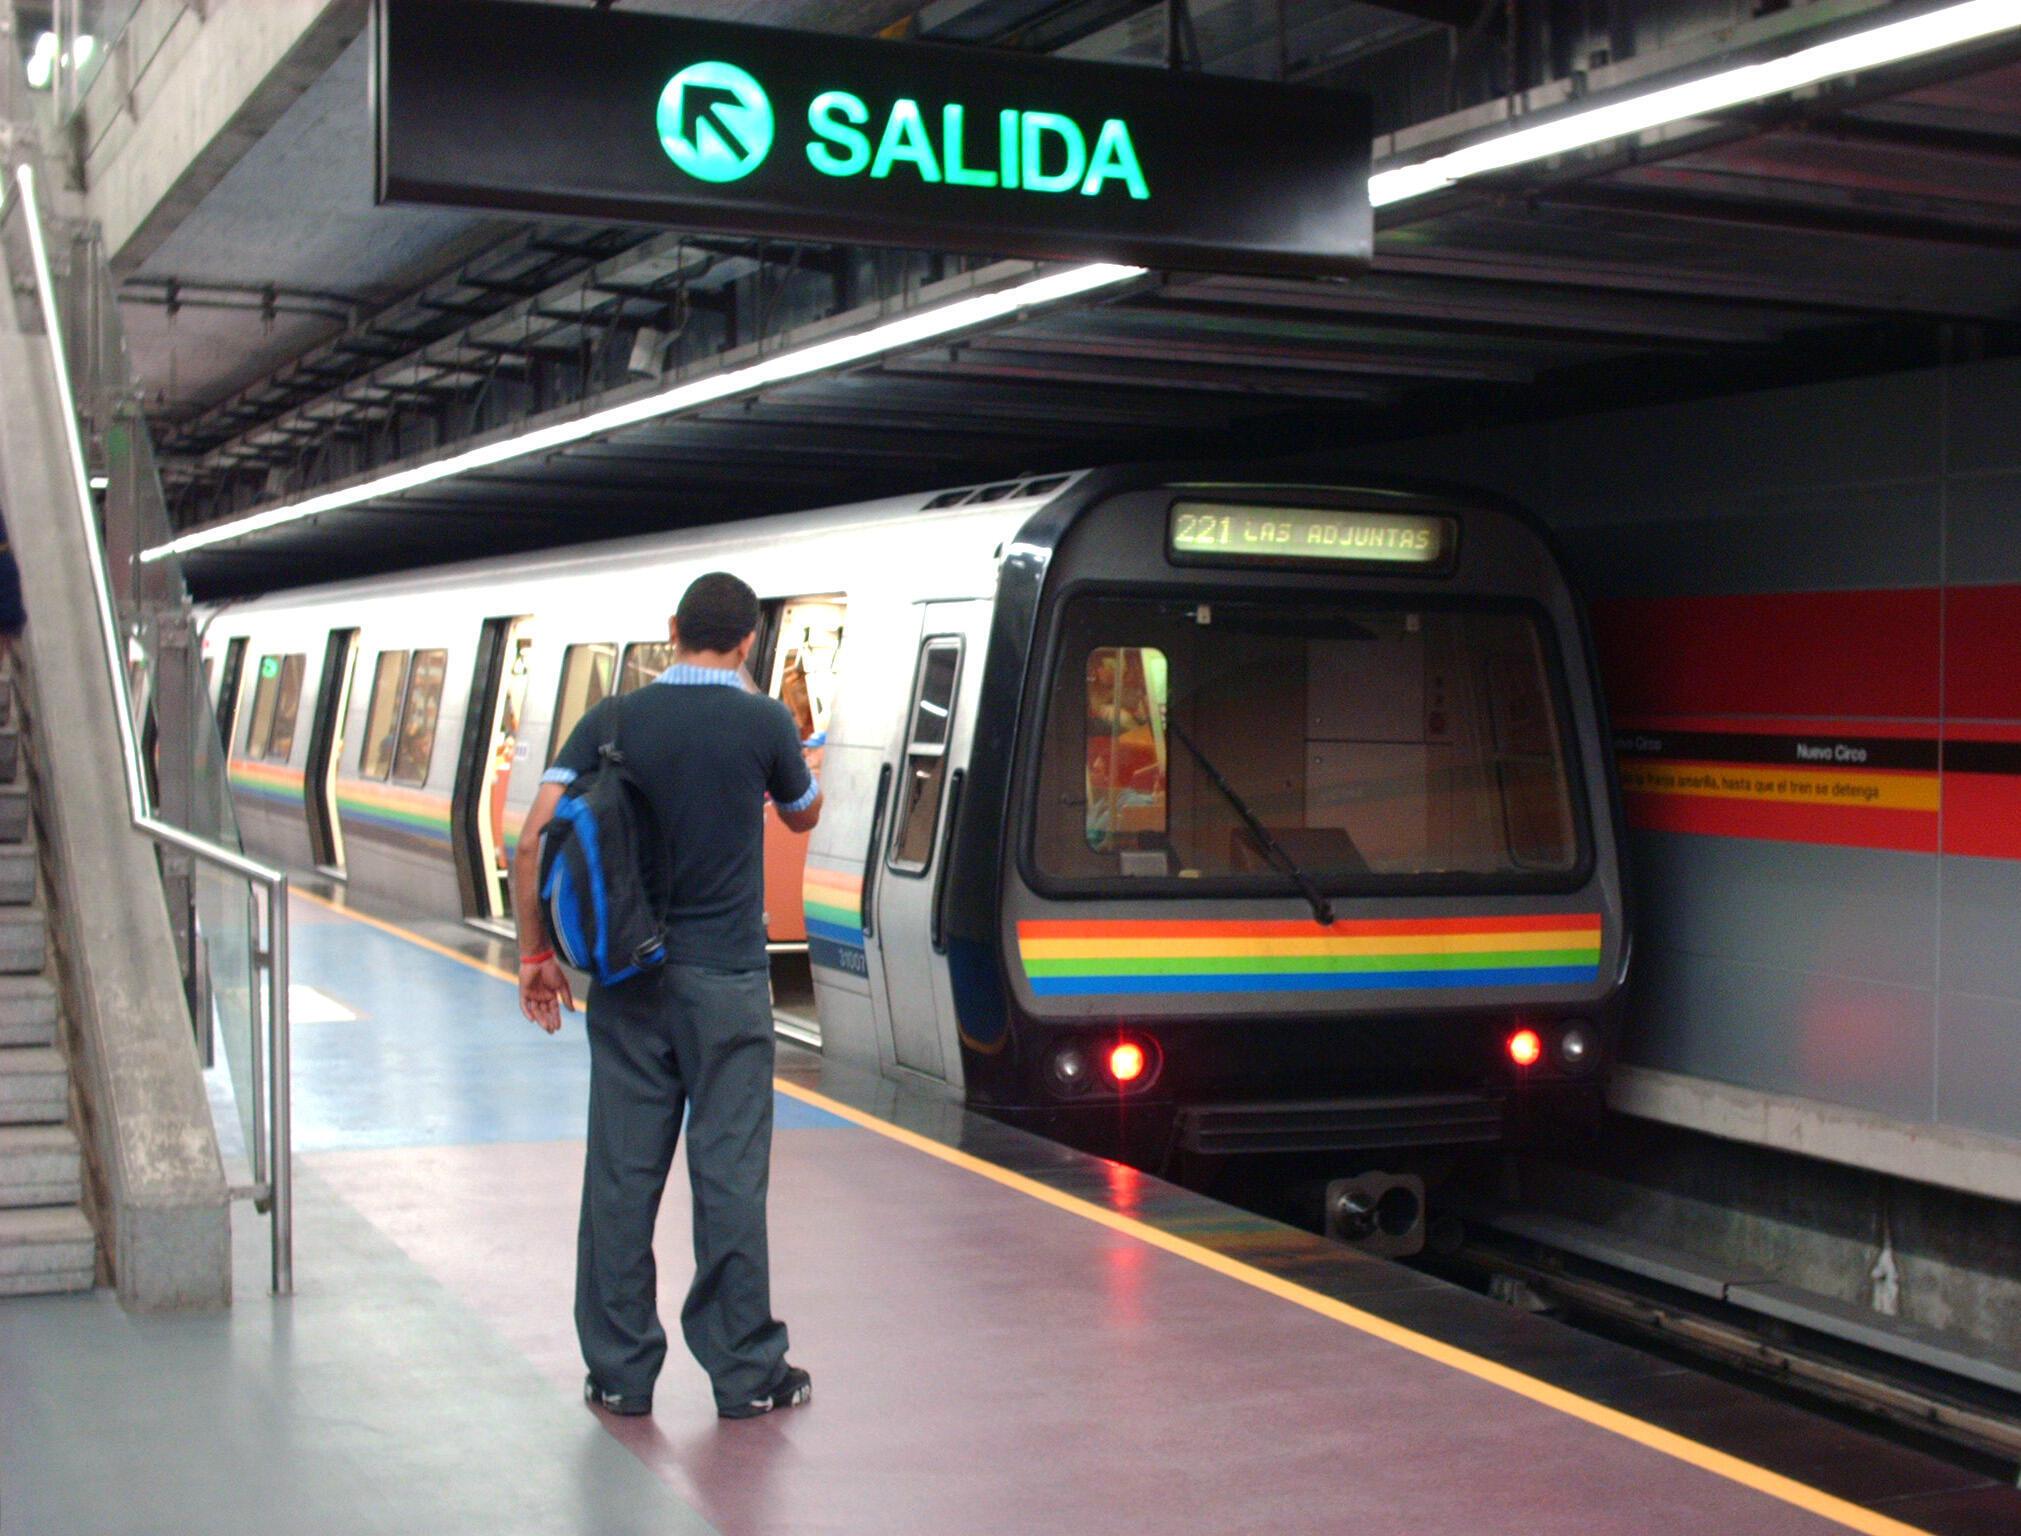 La station Nuevo Circo sur la ligne 4 du métro de Caracas, au Venezuela. (Image d'illustration)